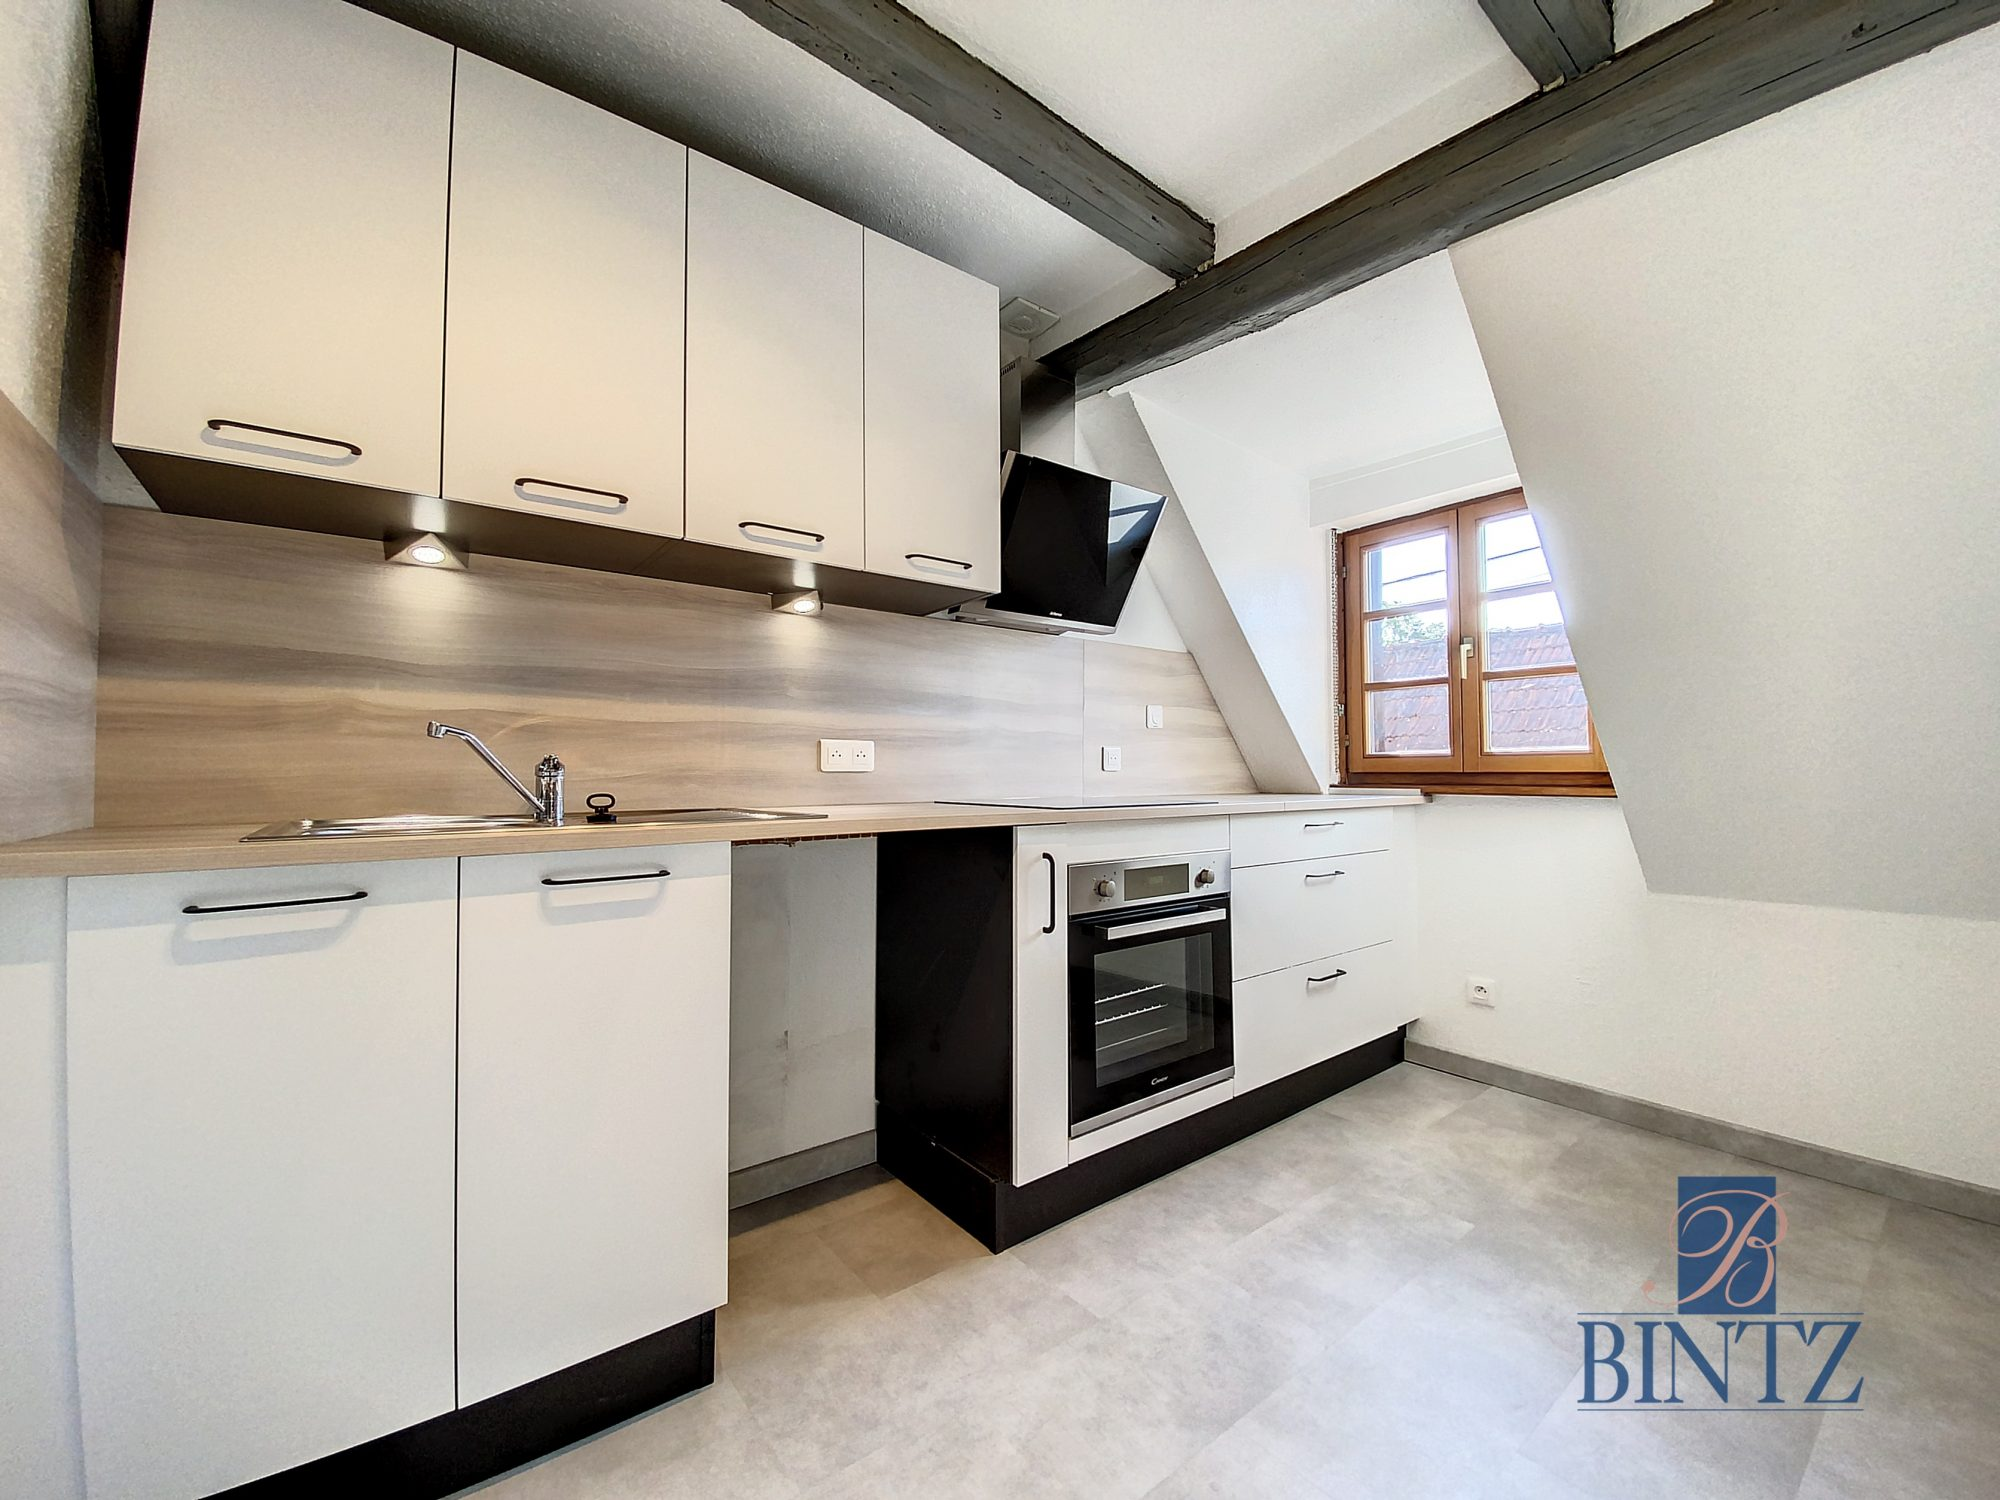 3/4 Pièces Centre-ville ROSHEIM - Devenez locataire en toute sérénité - Bintz Immobilier - 9